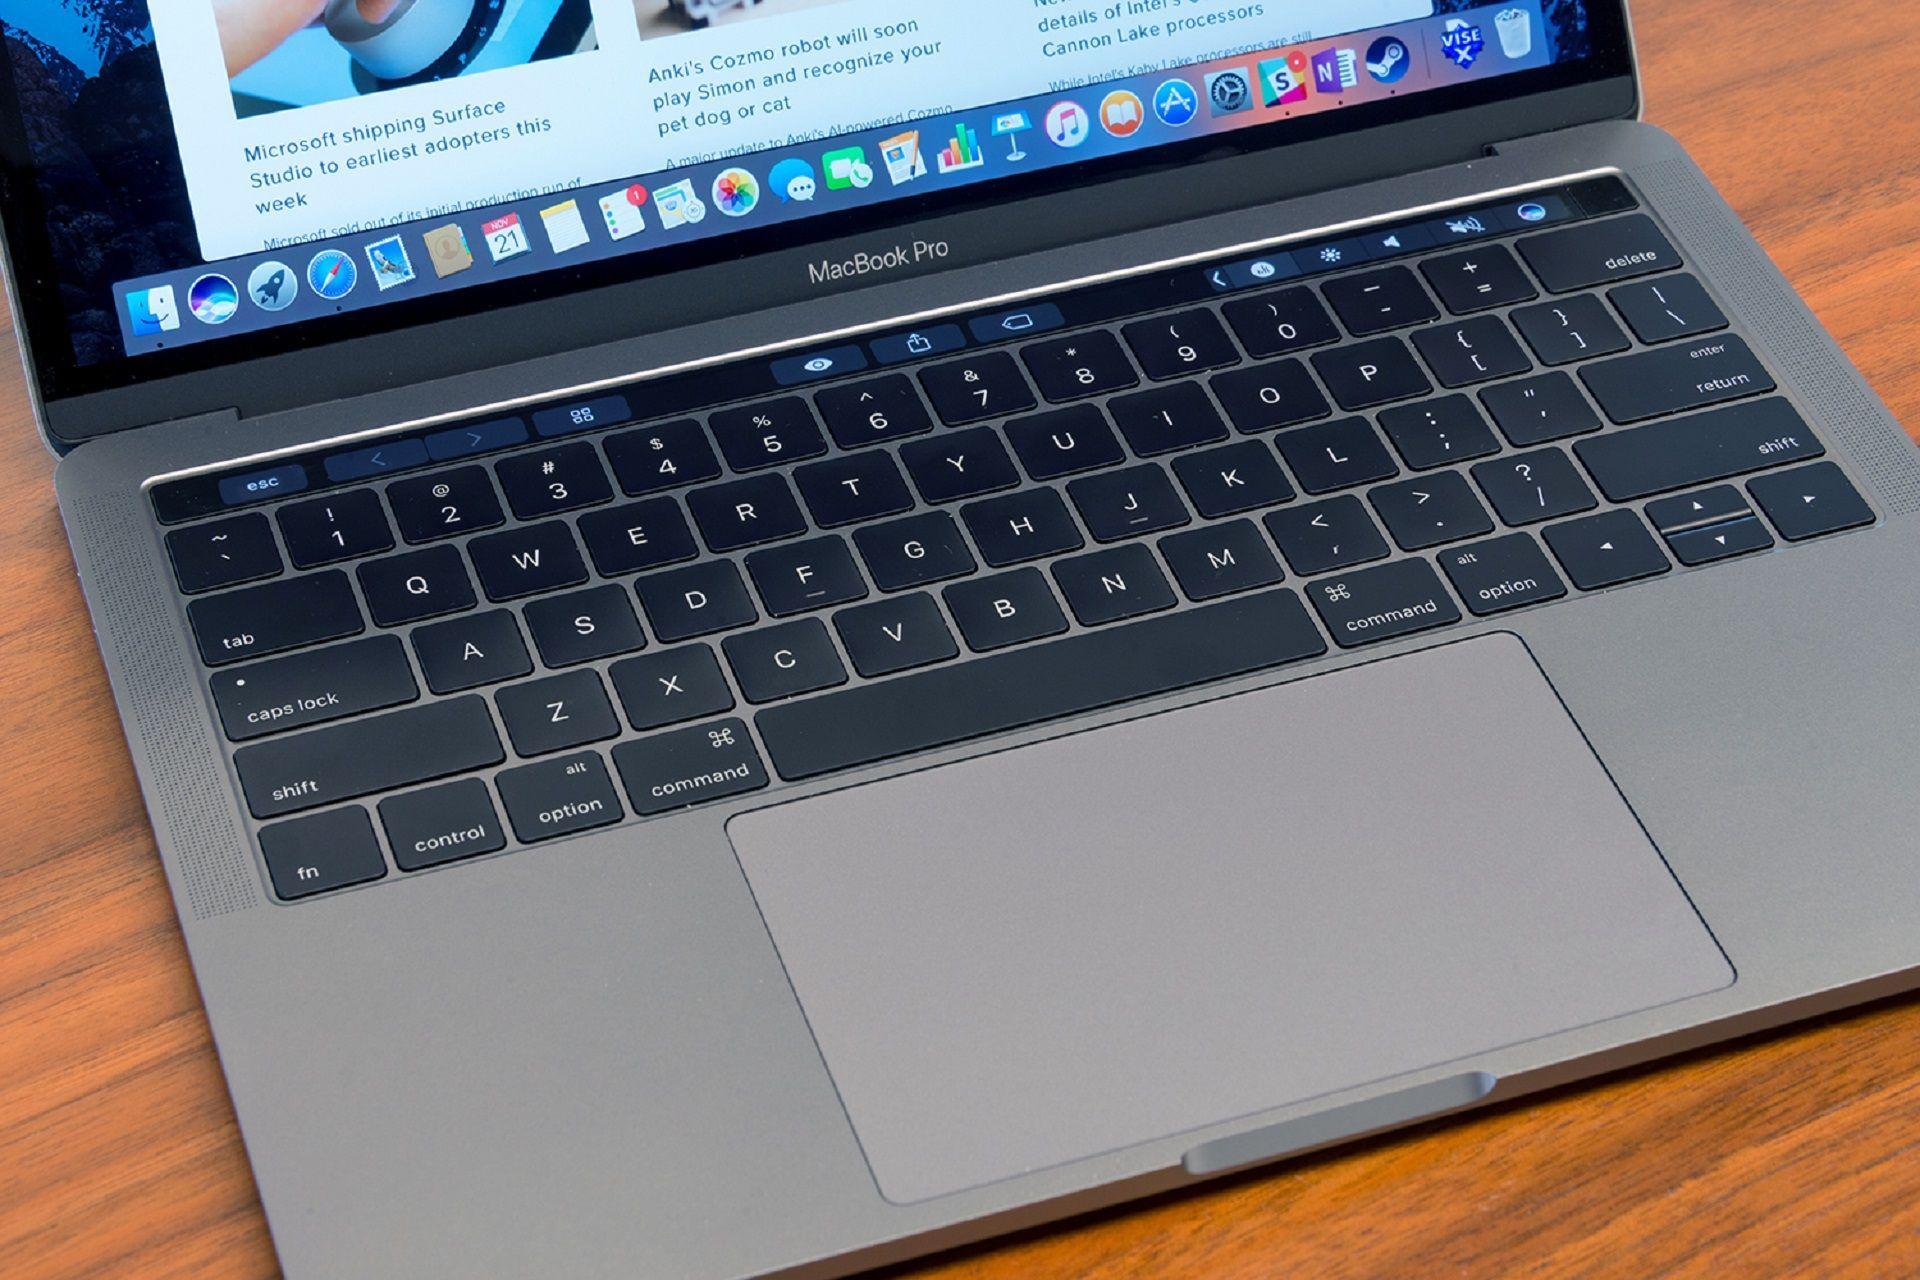 أبل ت صلح لوحة المفاتيح في الجيل الجديد من أجهزة Macbook Pro